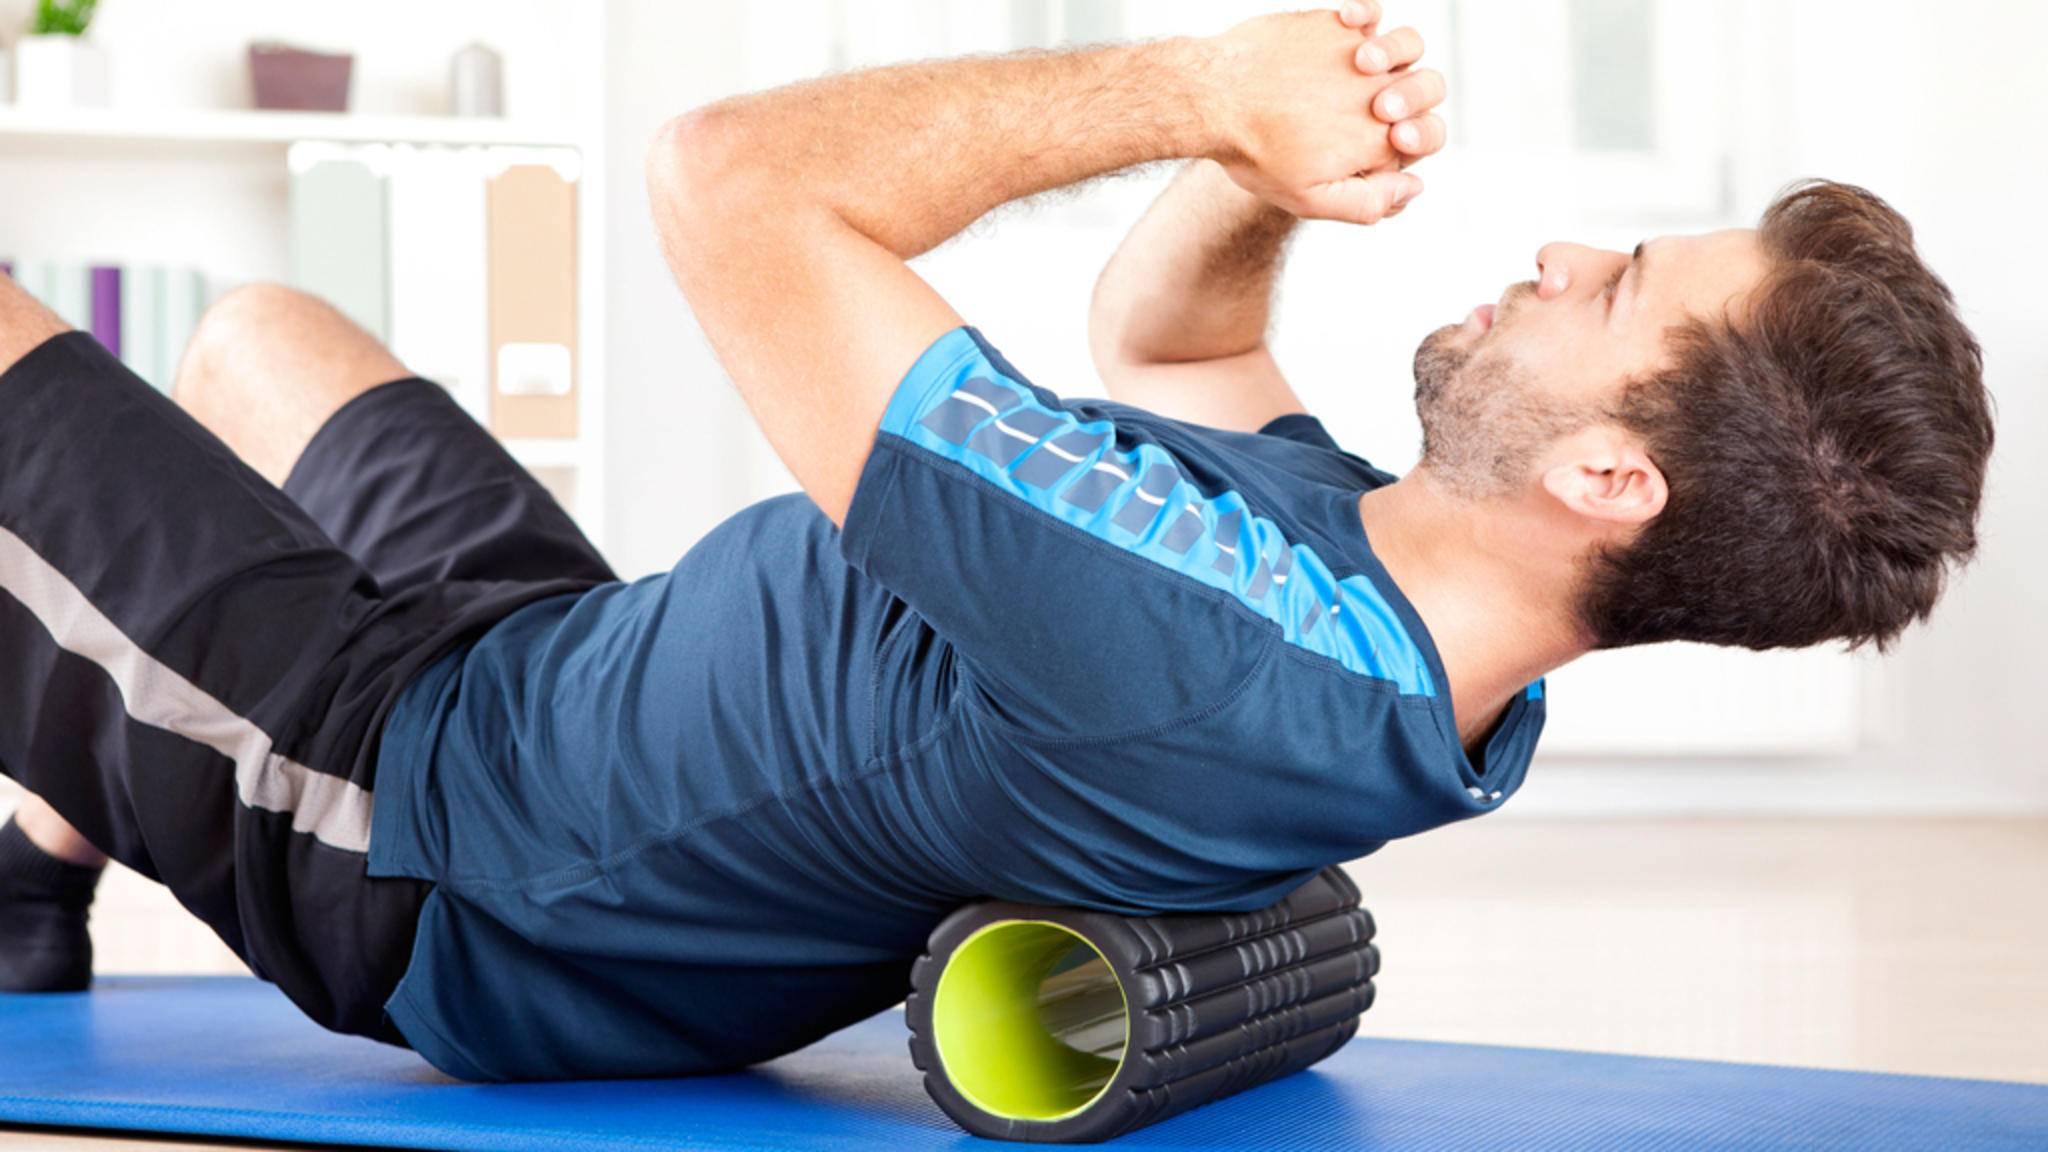 Rollen, dehnen und federn: Faszientraining soll die Beweglichkeit steigern und Schmerzen verhindern.